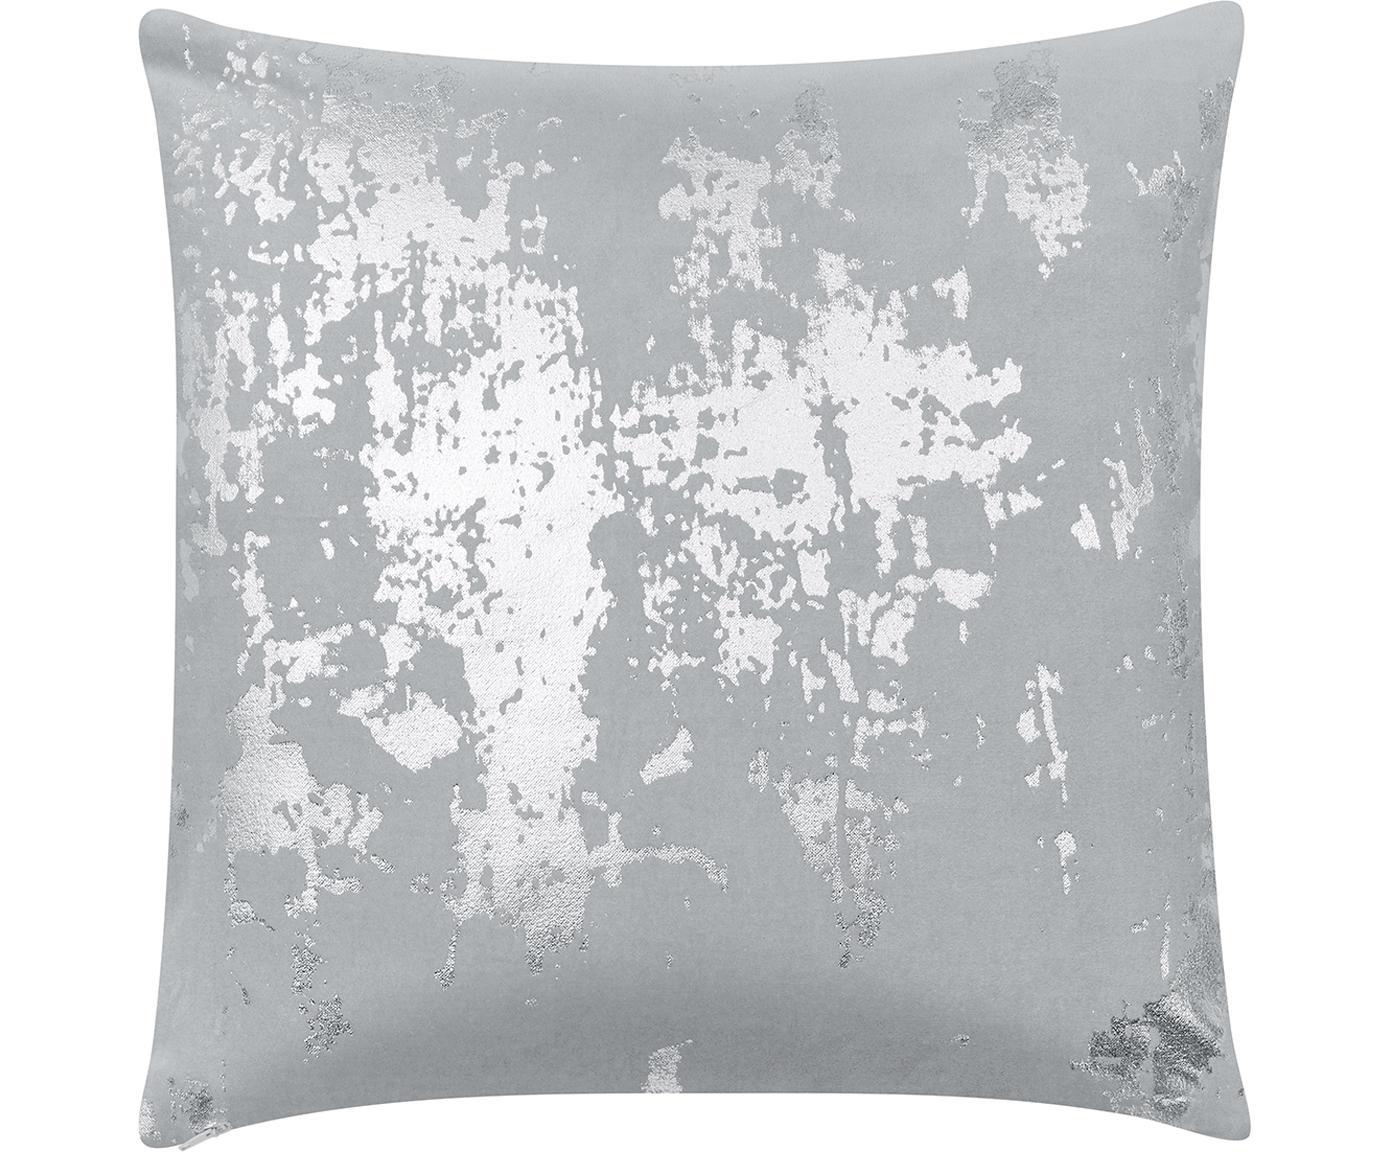 Federa arredo vintage in velluto effetto  lucido Shiny, 100% velluto di cotone, Grigio chiaro, argentato, Larg. 40 x Lung. 40 cm